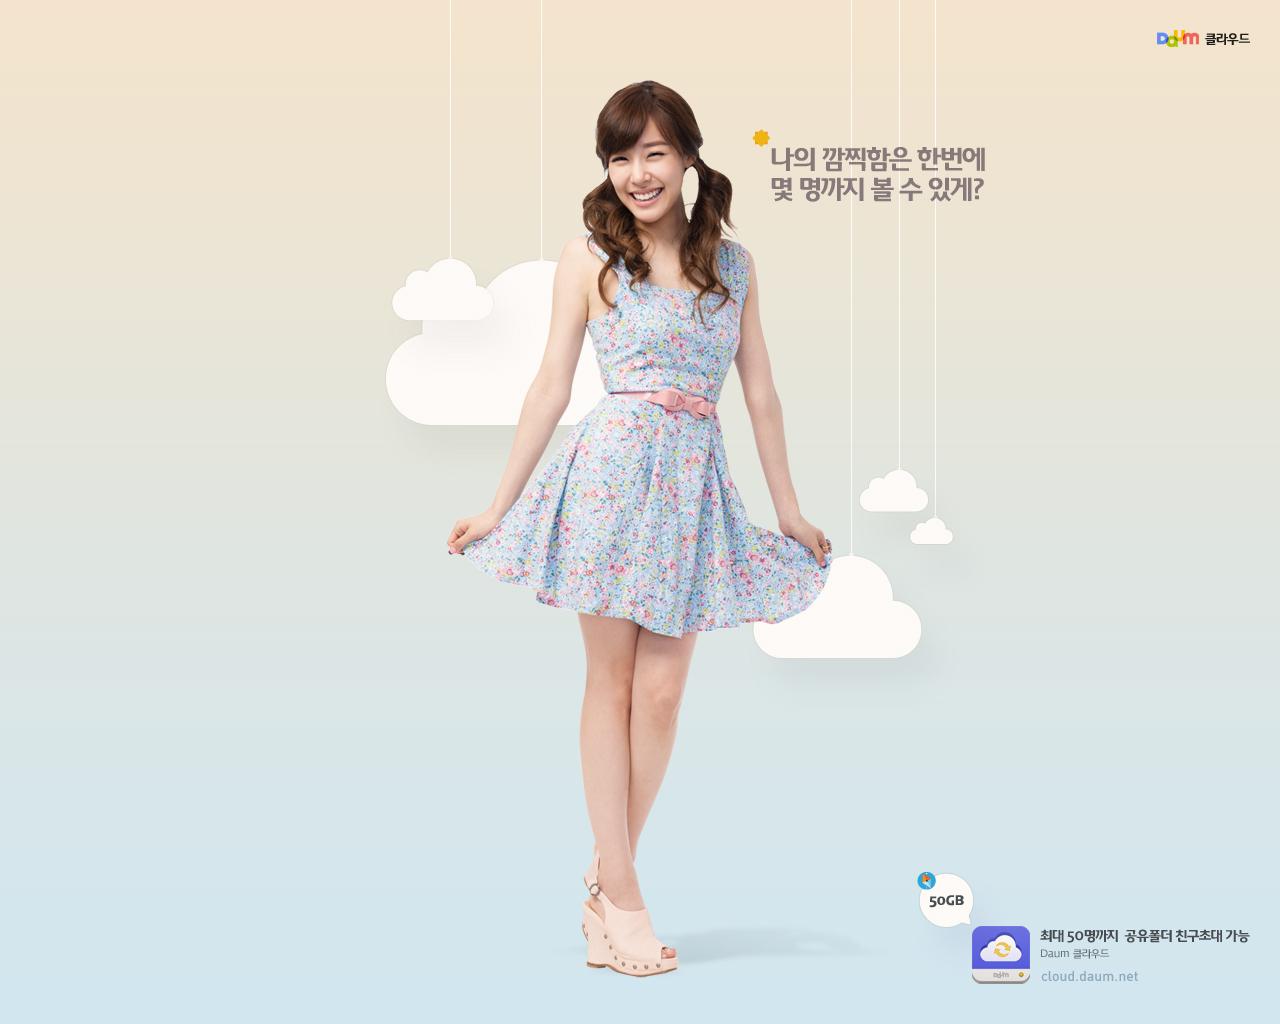 http://3.bp.blogspot.com/-58Bzt6_n0iQ/TjfAP0hqsxI/AAAAAAAACNU/_nhwnl5L5vg/s1600/Tiffany+SNSD+Daum+Cloud+Wallpaper.jpg